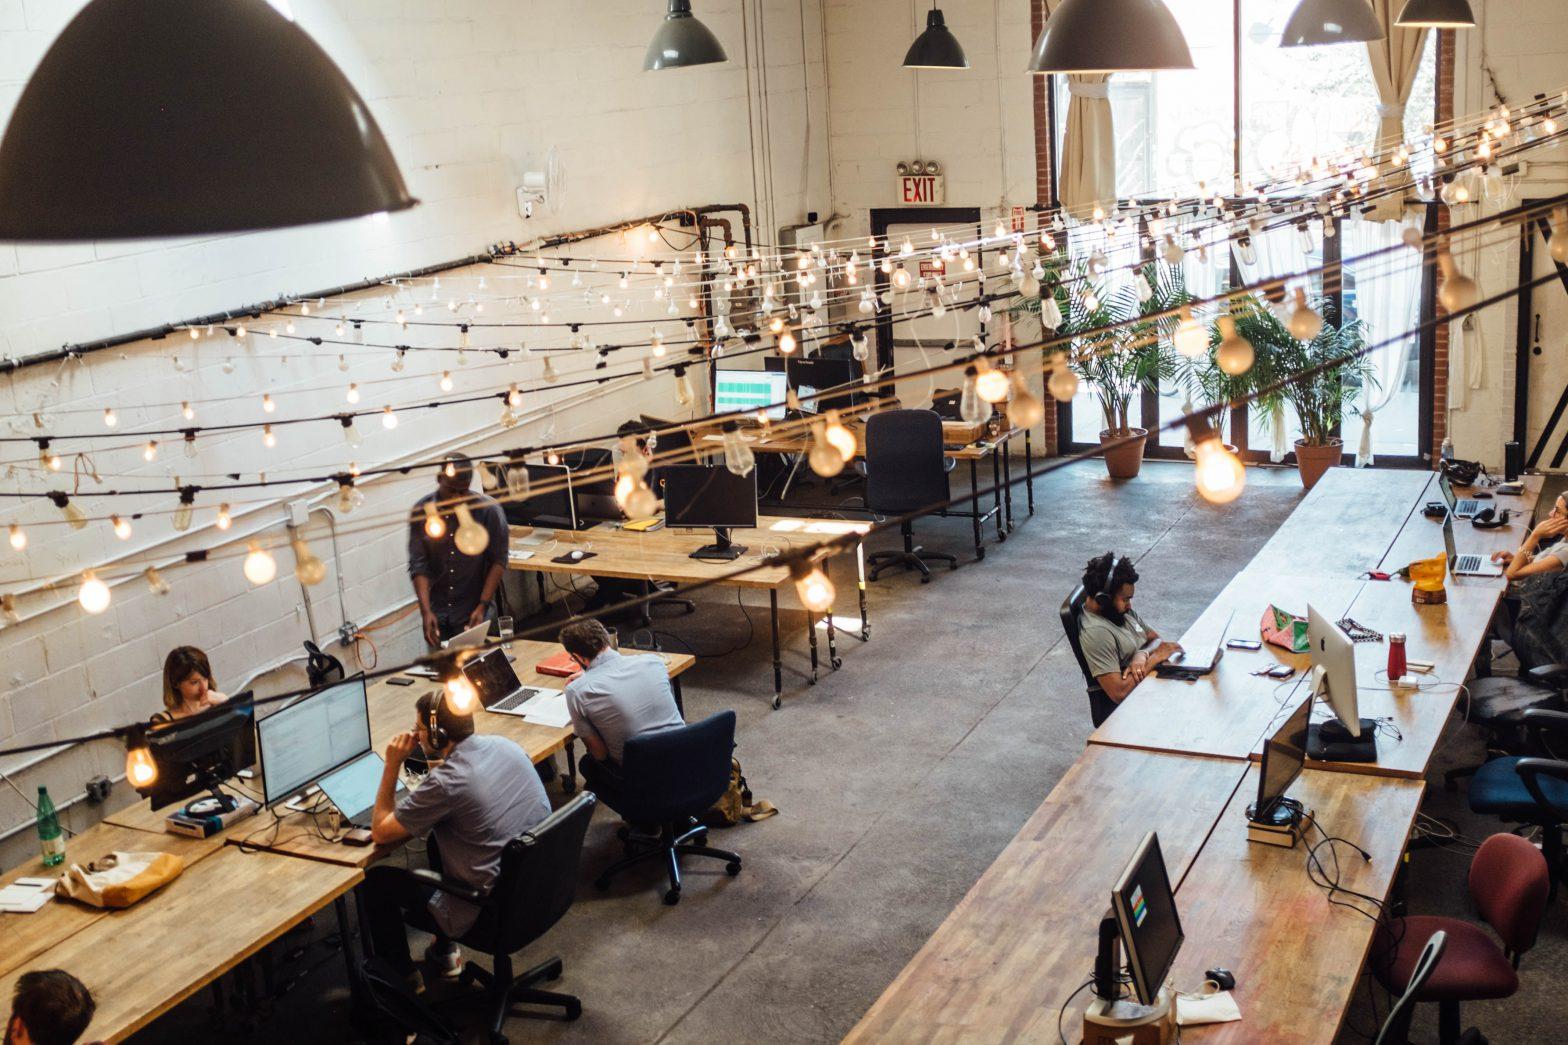 Cilvēki strādā pie datoriem birojā